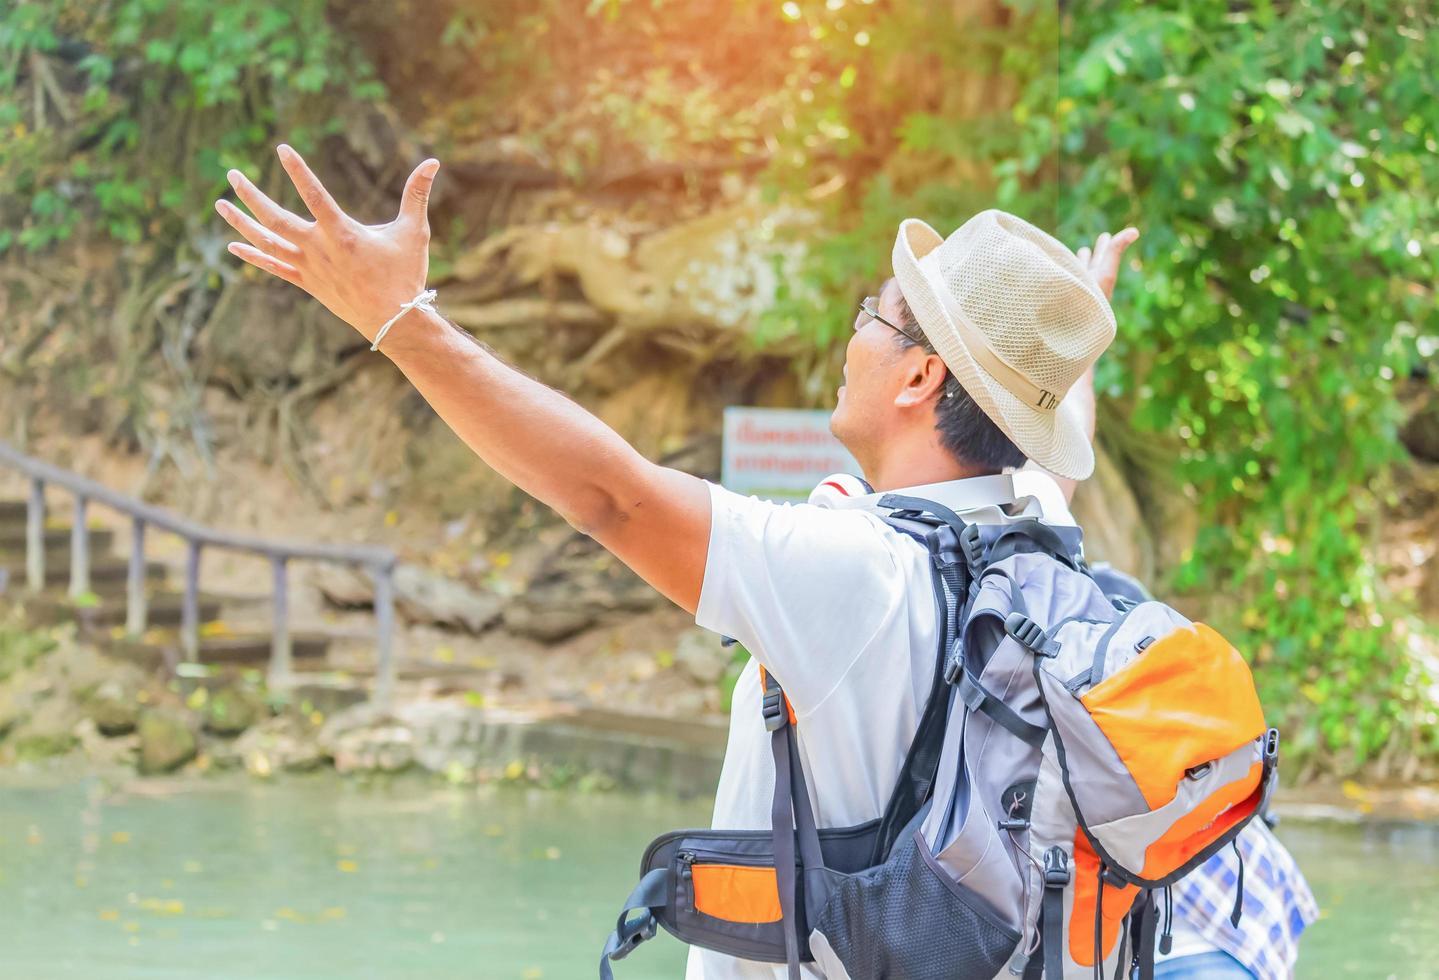 voyageur asiatique lève la main avec plaisir pour respirer l'air frais tout en étudiant la nature photo